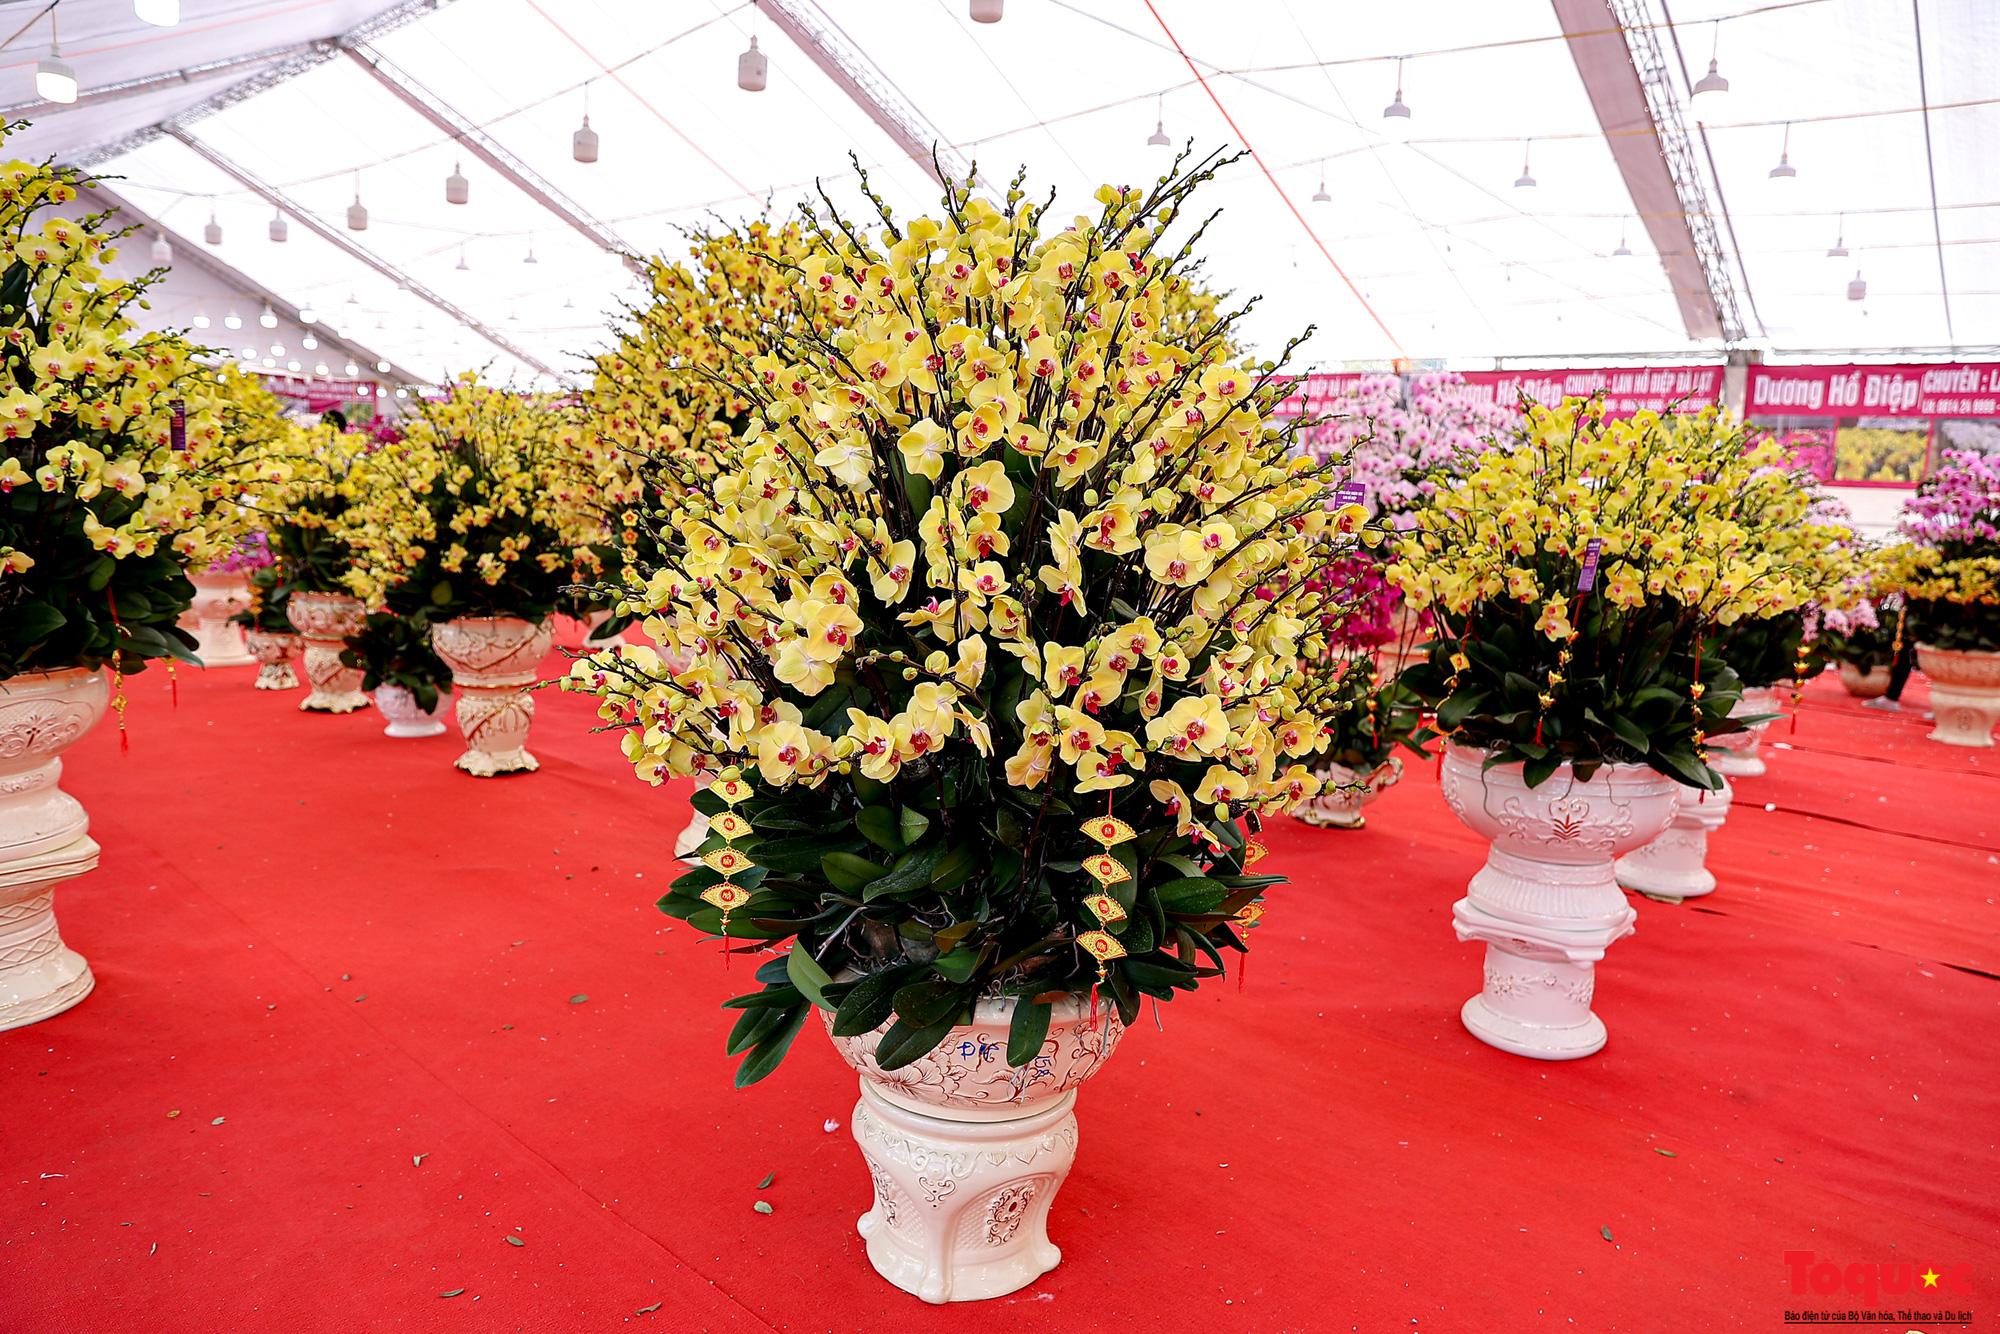 Lan Hồ Điệp giá hàng trăm triệu xuất hiện tại Hà Nội phục vụ Tết Nguyên đán - Ảnh 2.